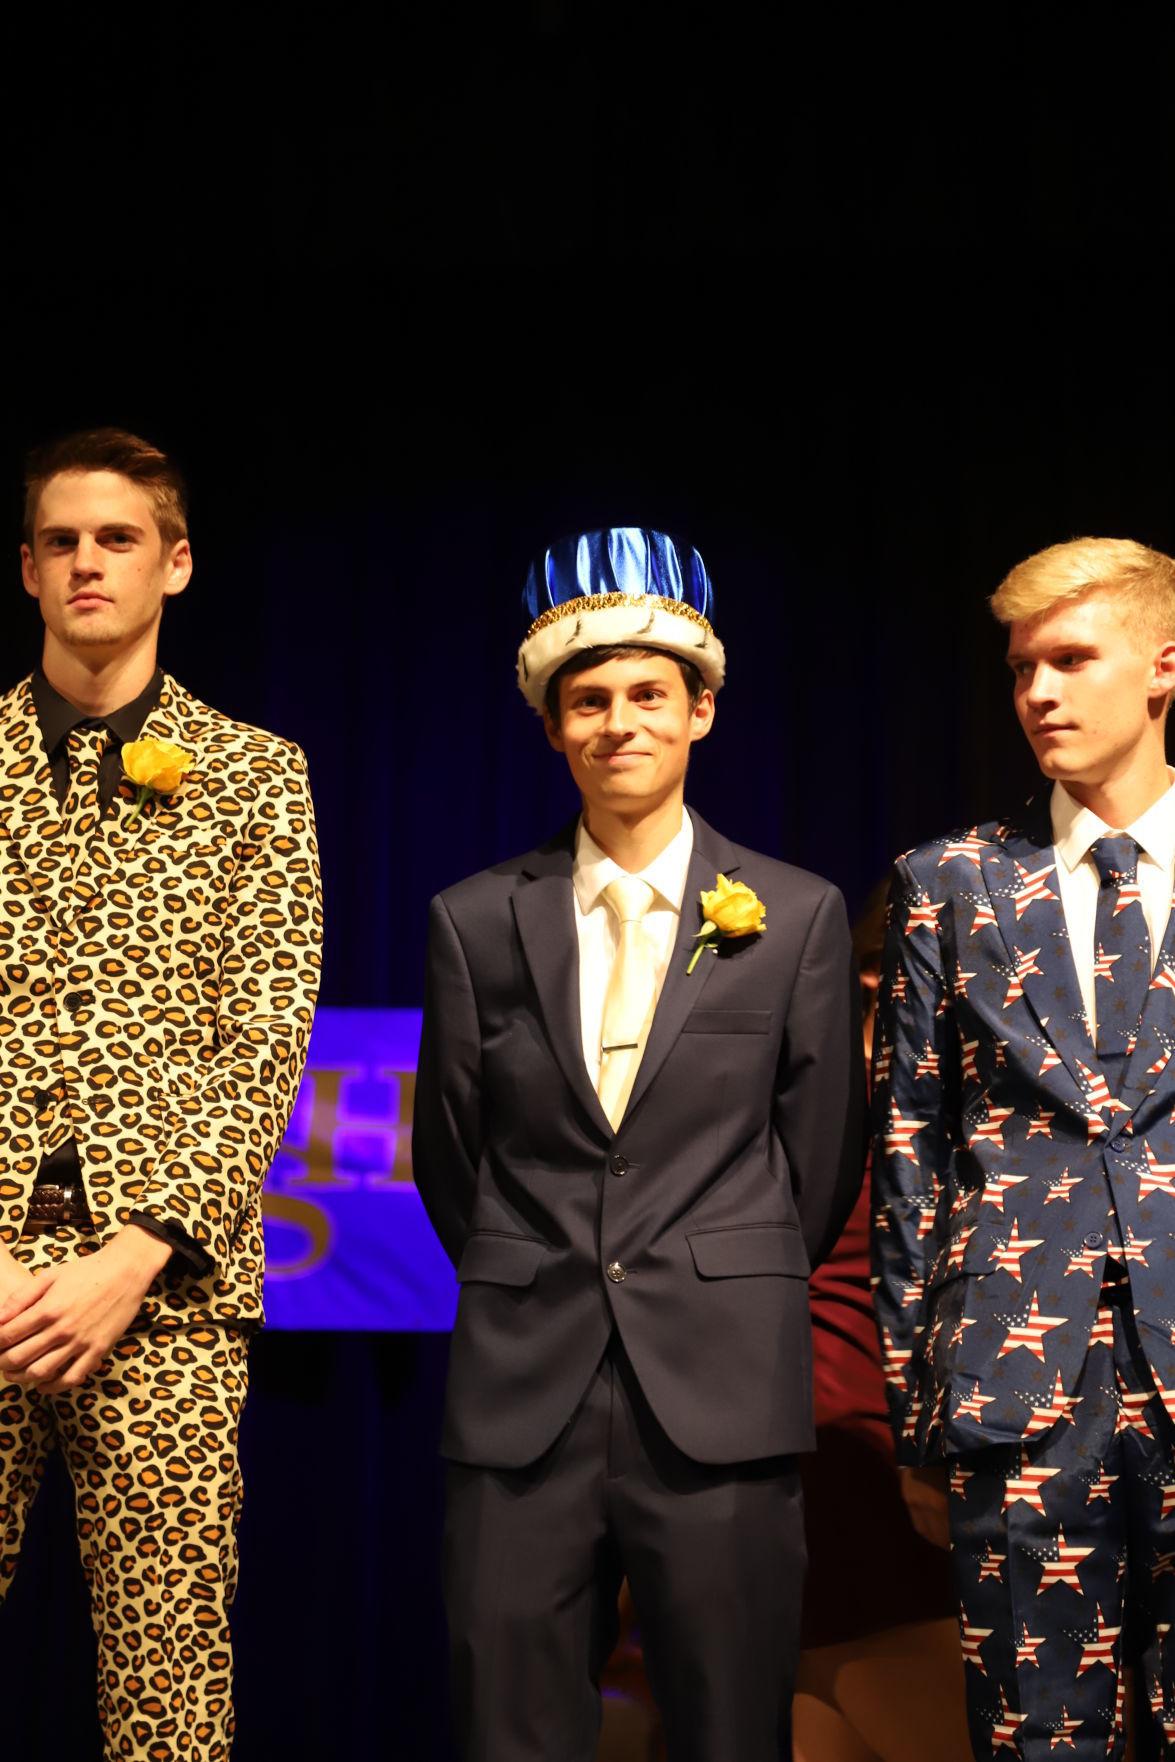 King Crowning